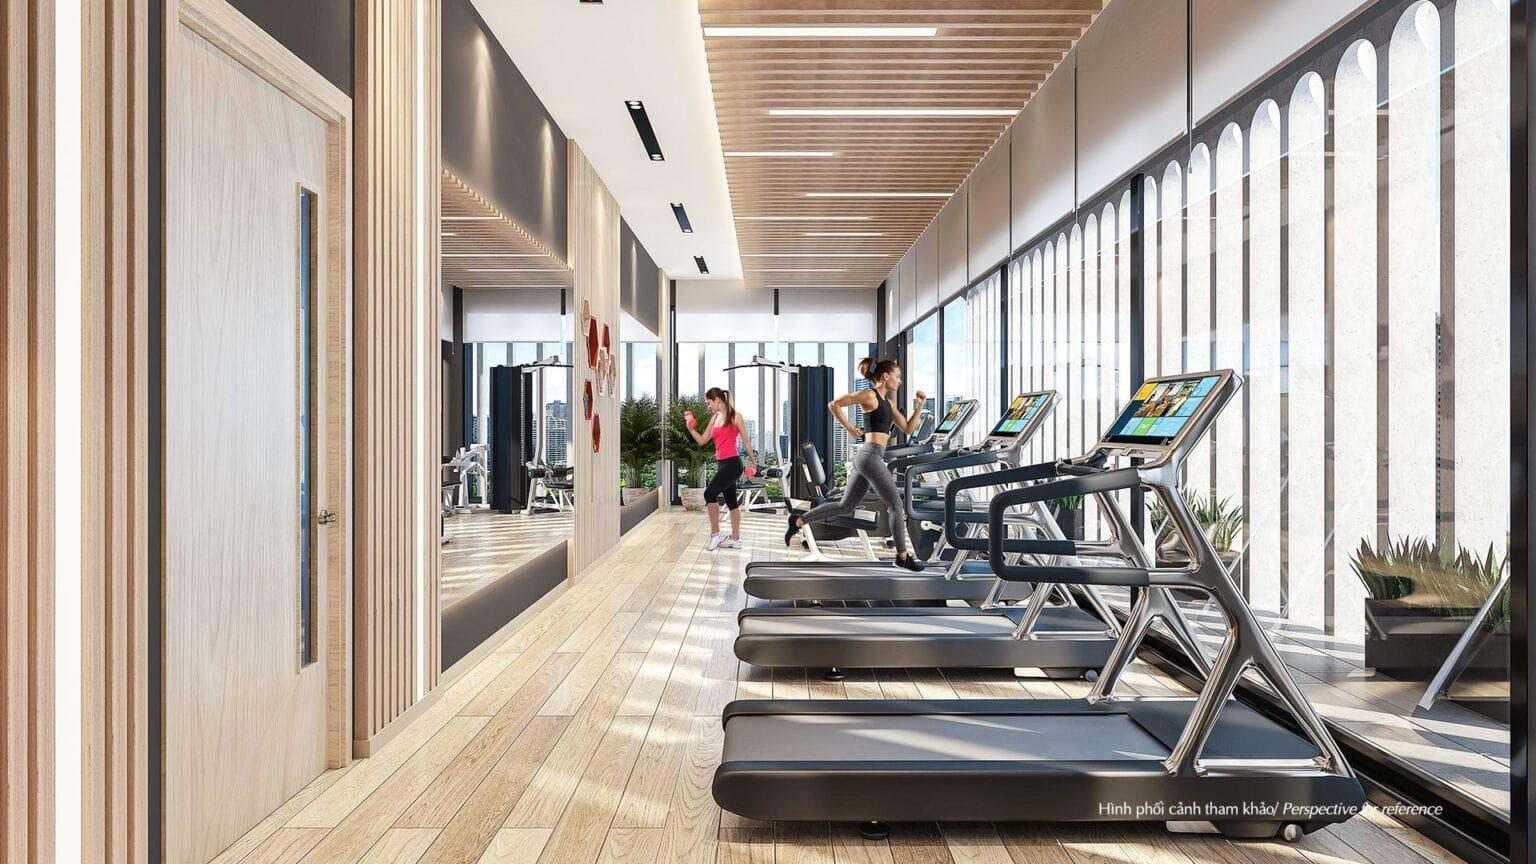 Phòng gym được thiết kế mở với hệ thống cửa kính lớn, tối ưu khả năng đón gió và ánh sáng tự nhiên, kích thích hứng thú tập luyện.